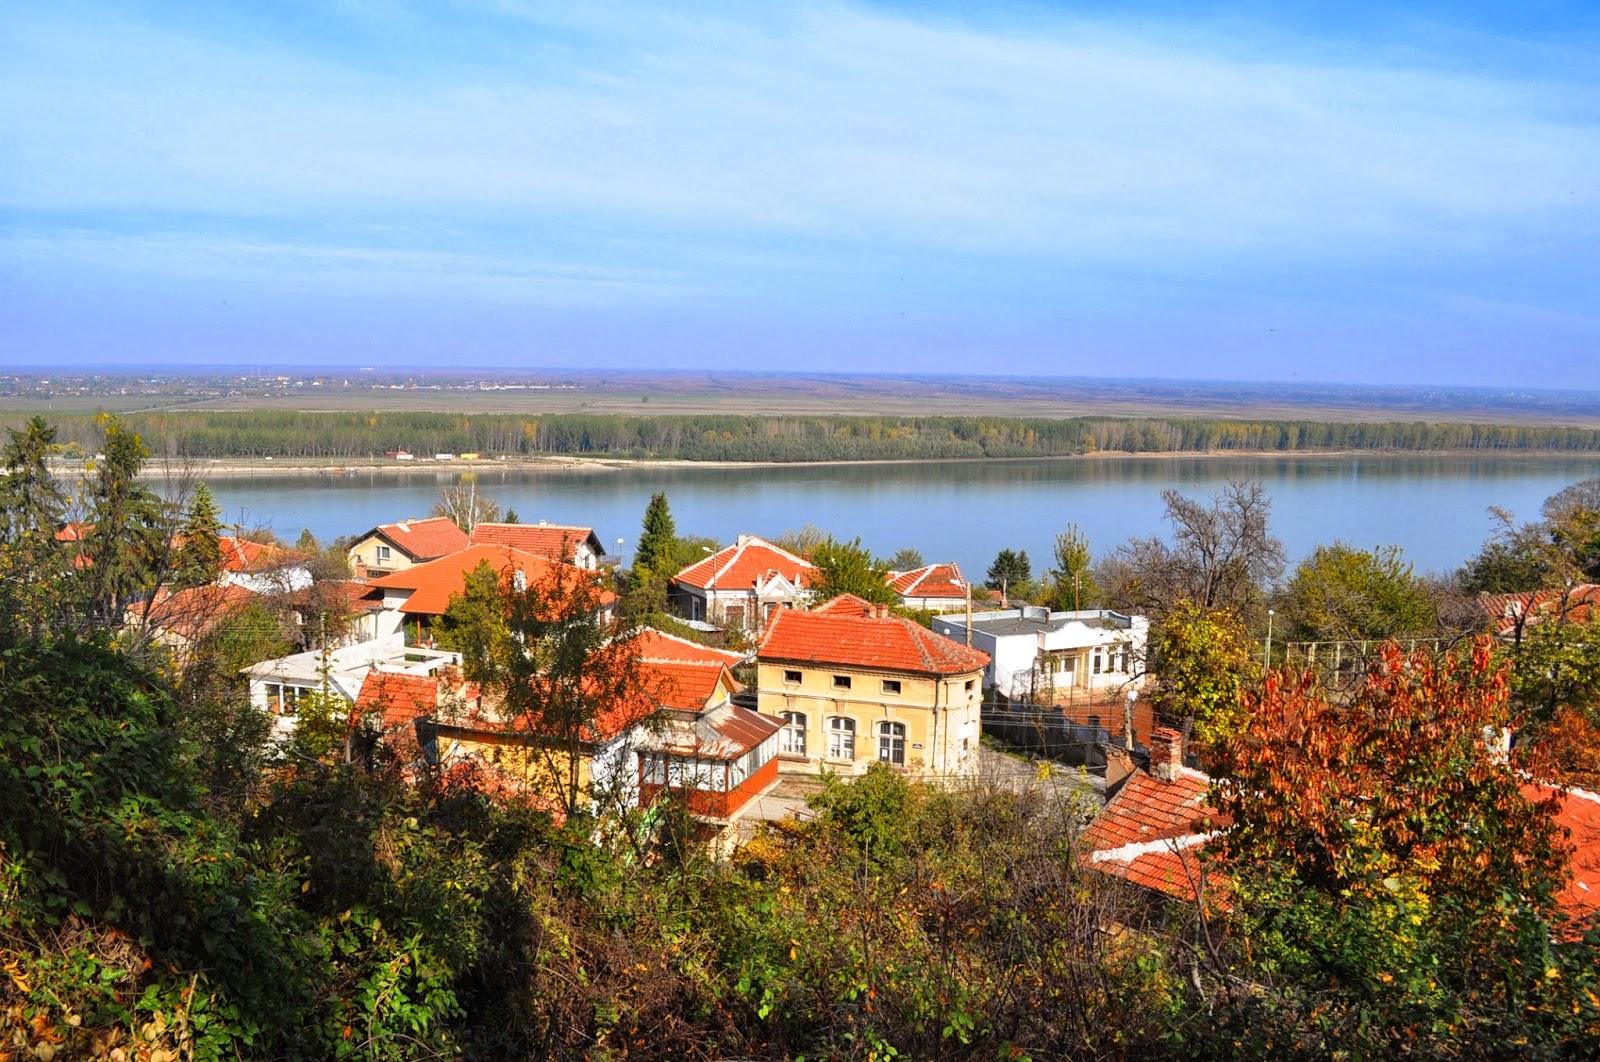 Град Оряхово, кацнал на висок, надвесен над реката склон, ни посреща окъпан в слънце. Някогашният оживен пристанищен център с процъфтяваща търговия и промишленост, бавно, но сигурно се обезлюдява, подобно на повечето населени места в района.